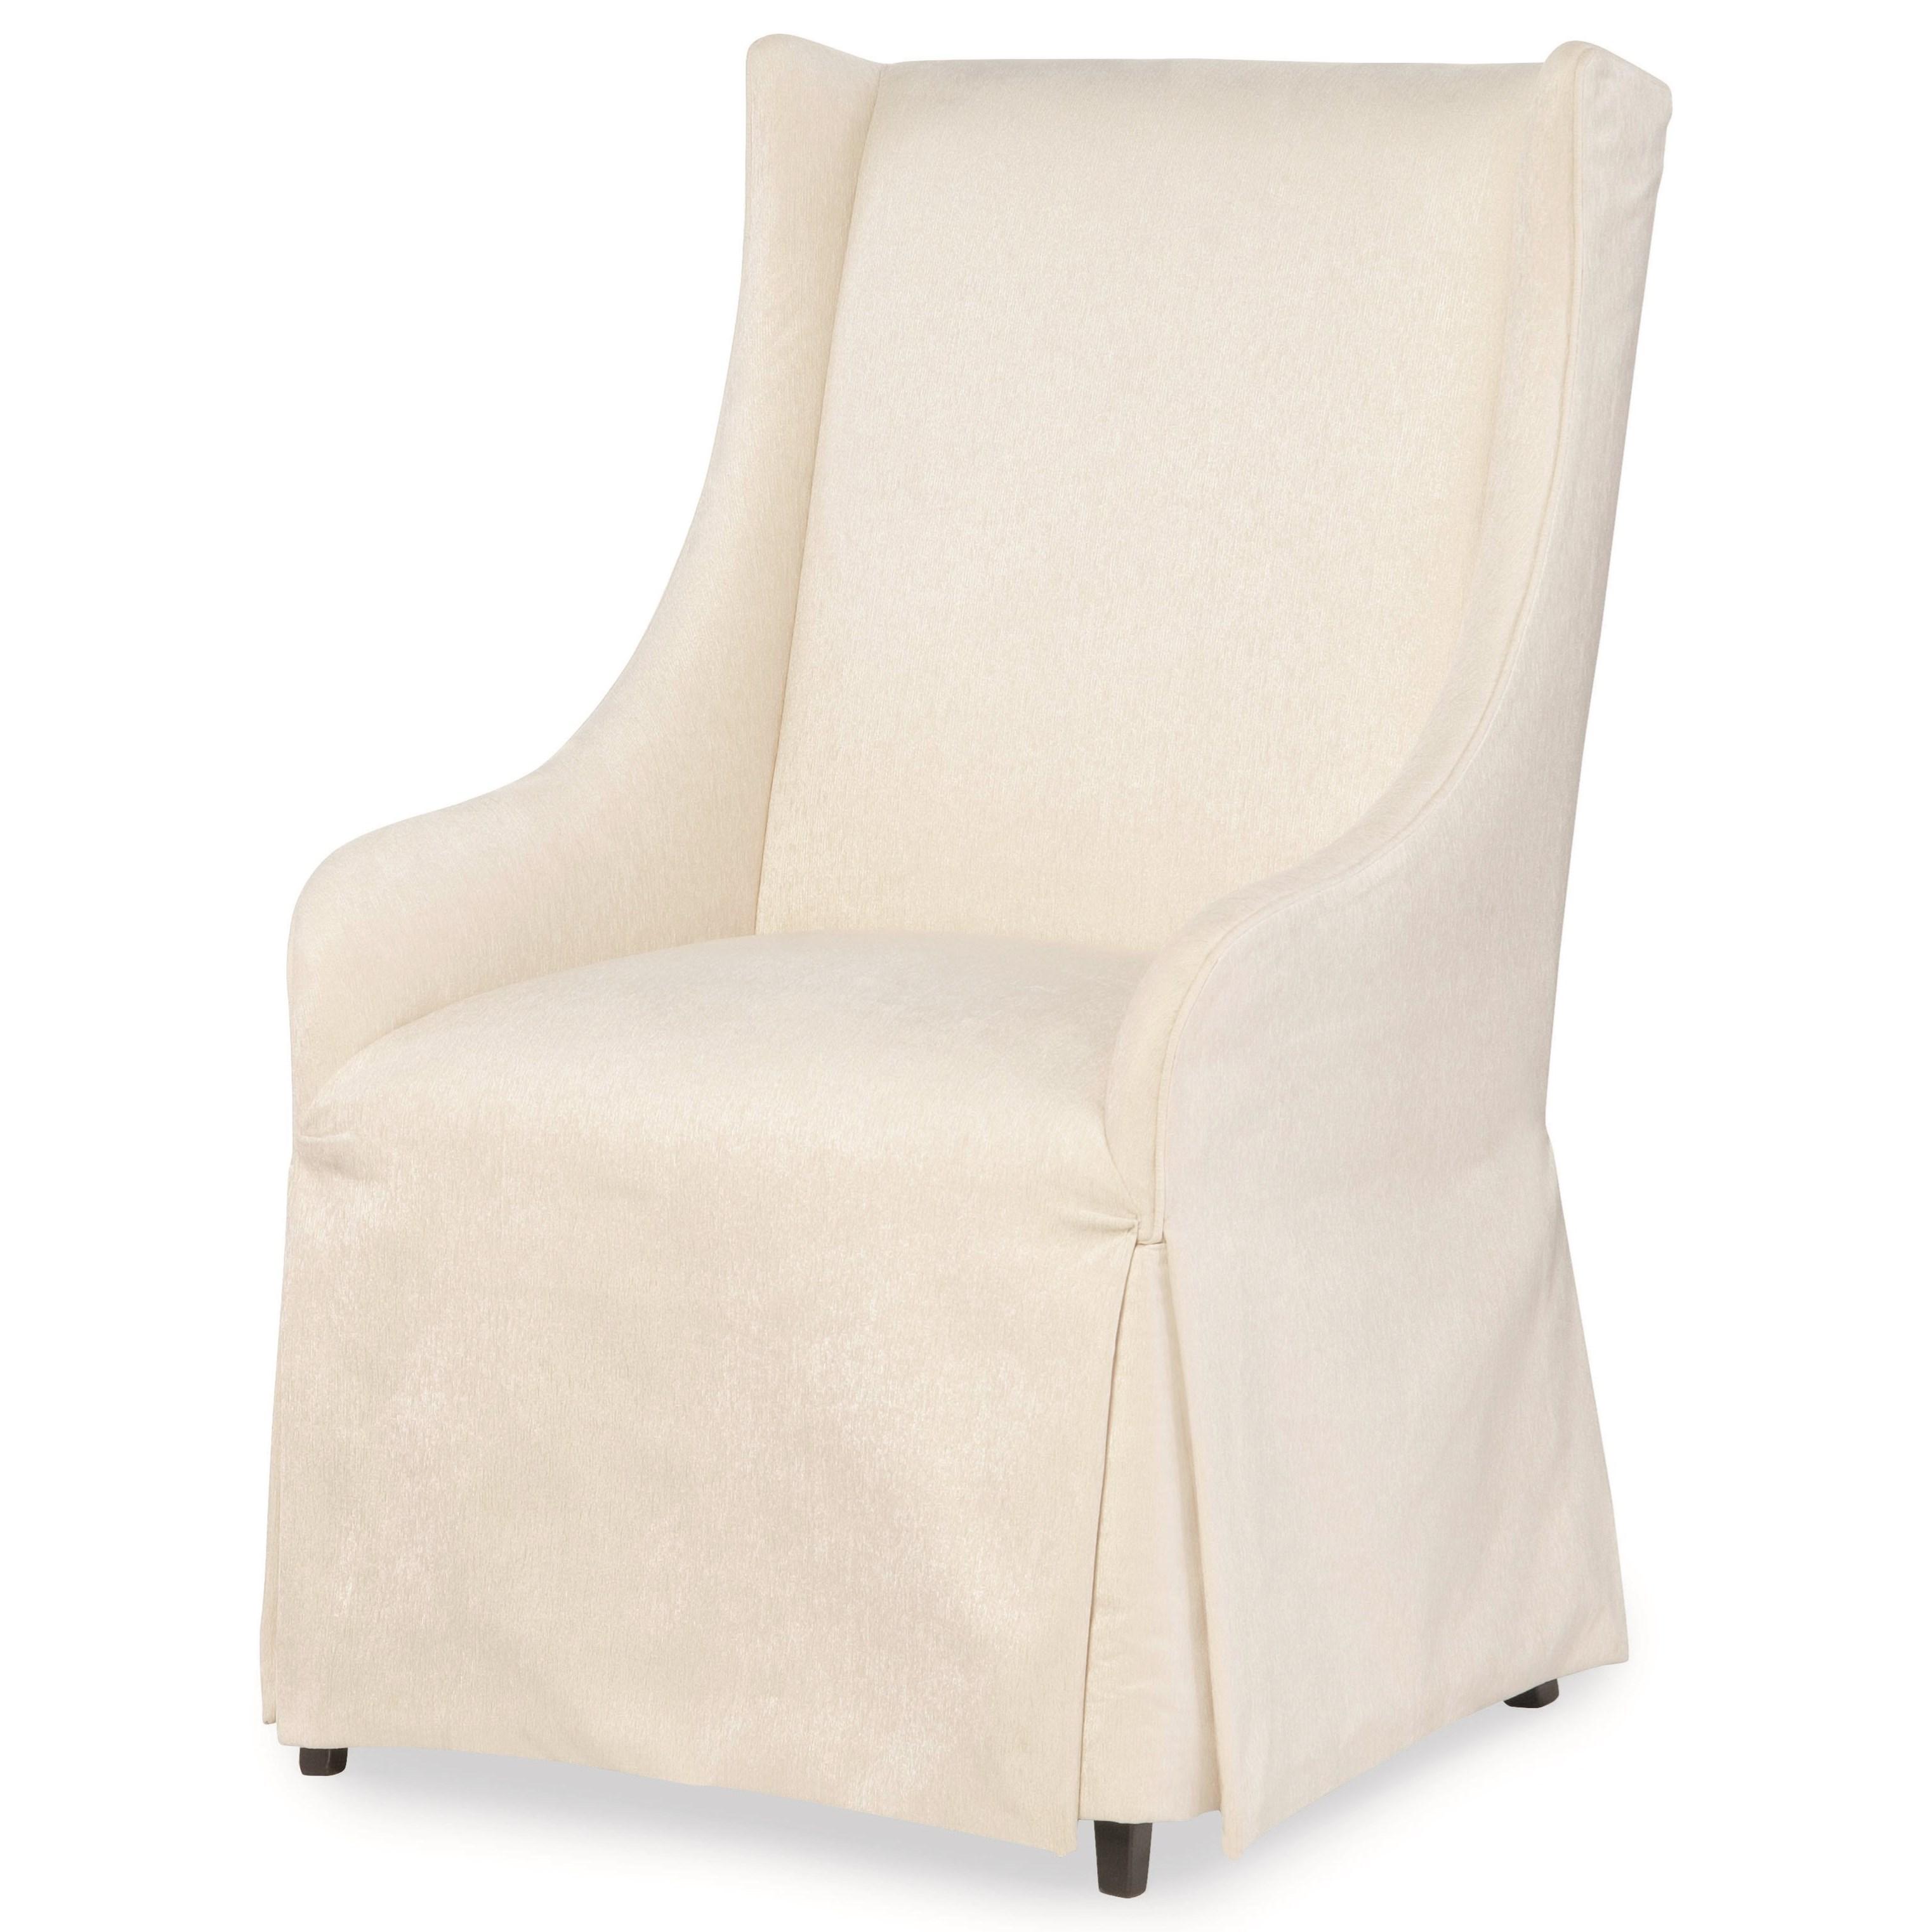 Etonnant Upholstered Host Chair With Skirt